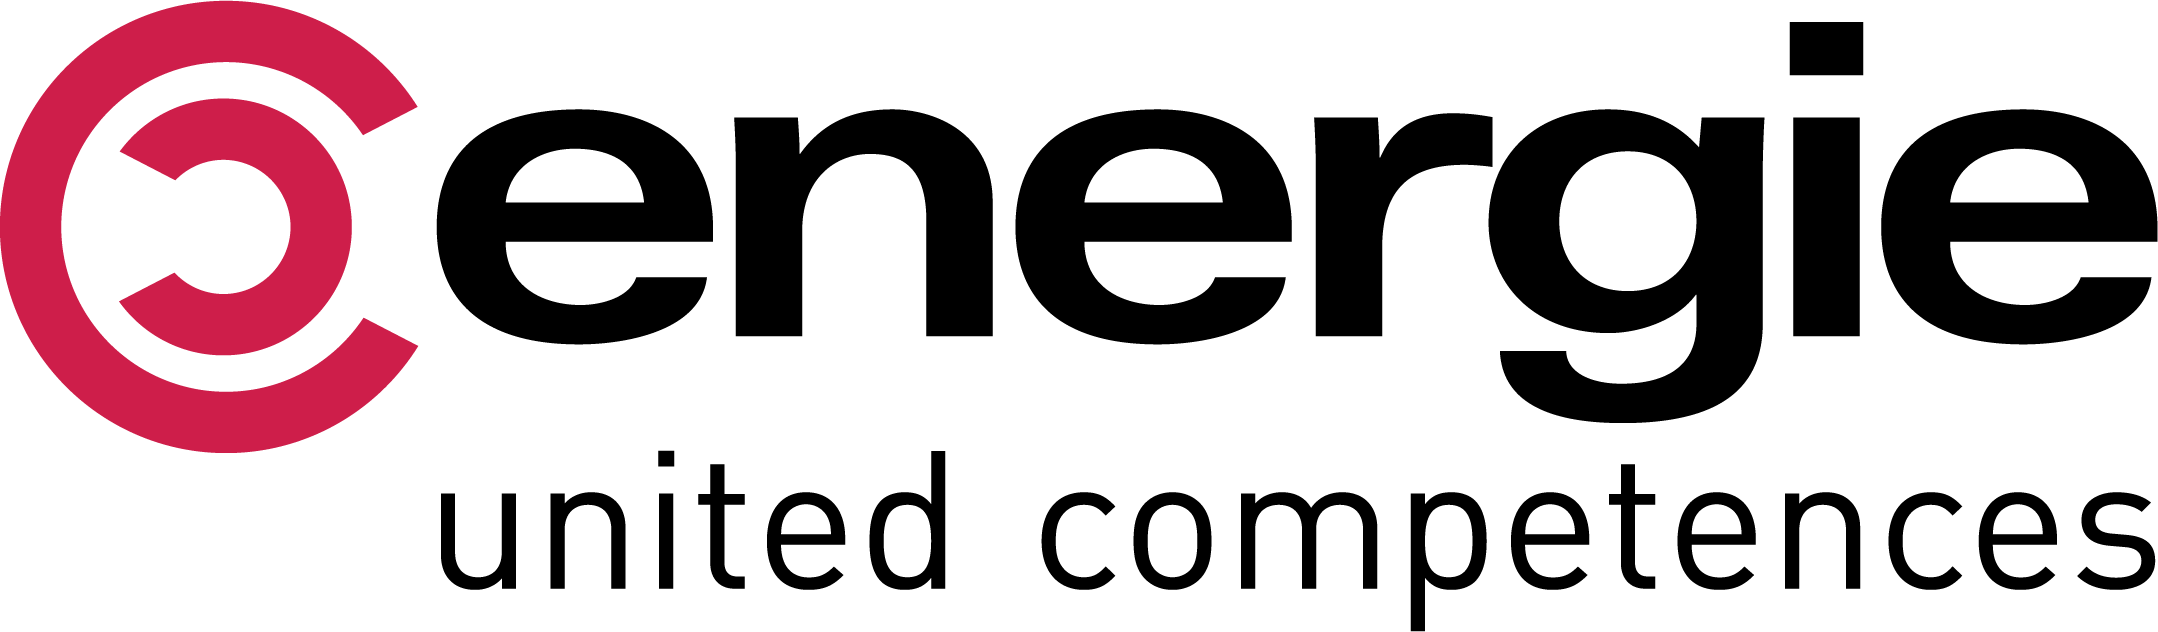 Logo von CC Energie